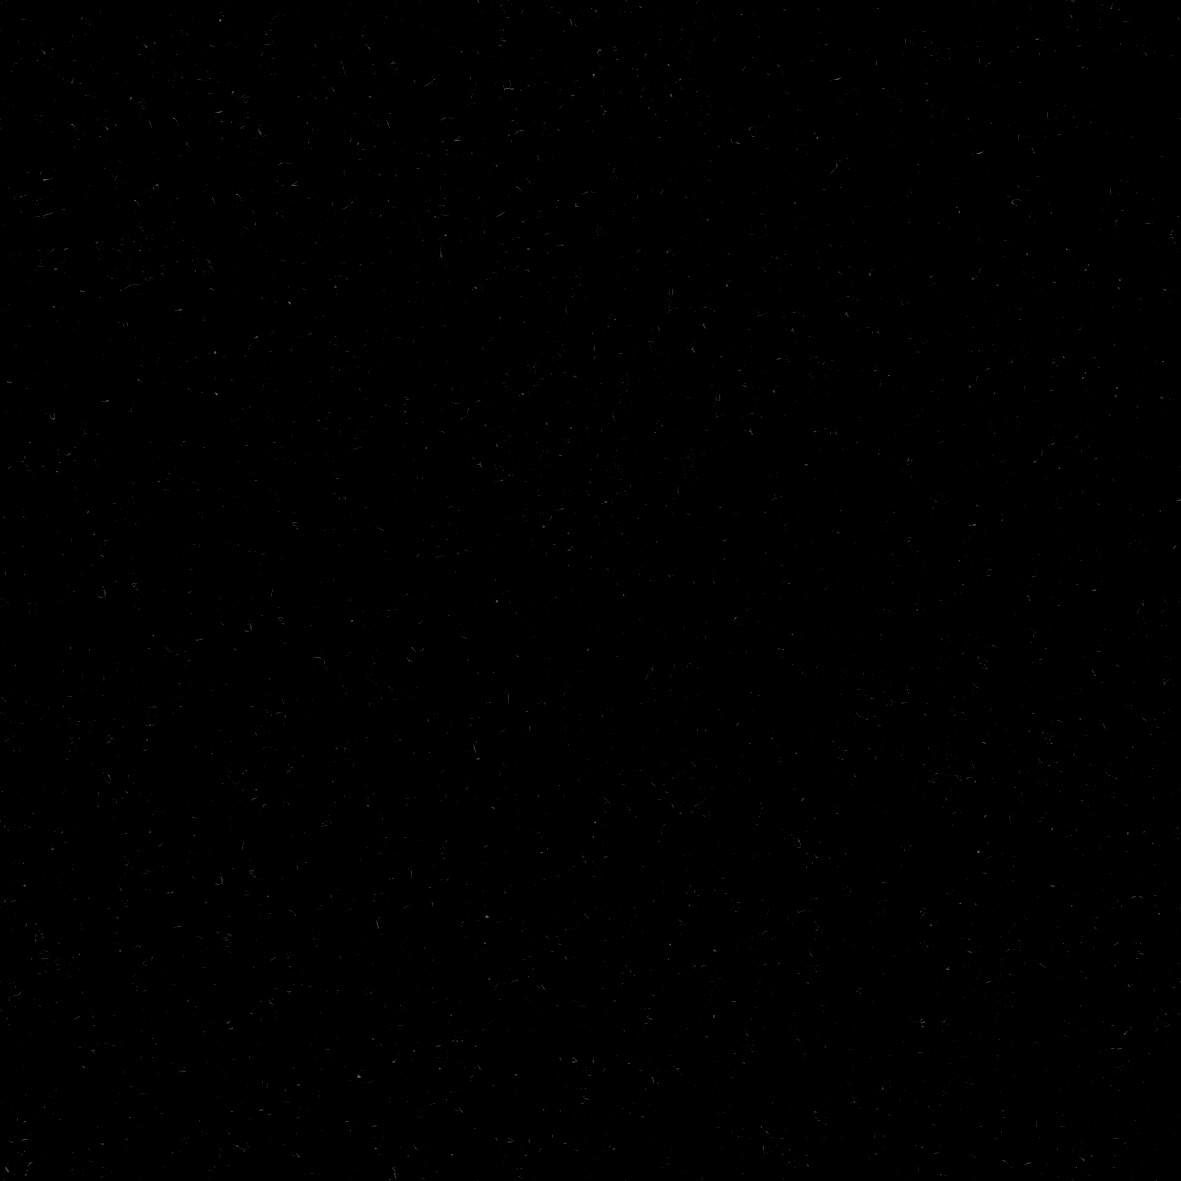 Полностью черная картинка носики